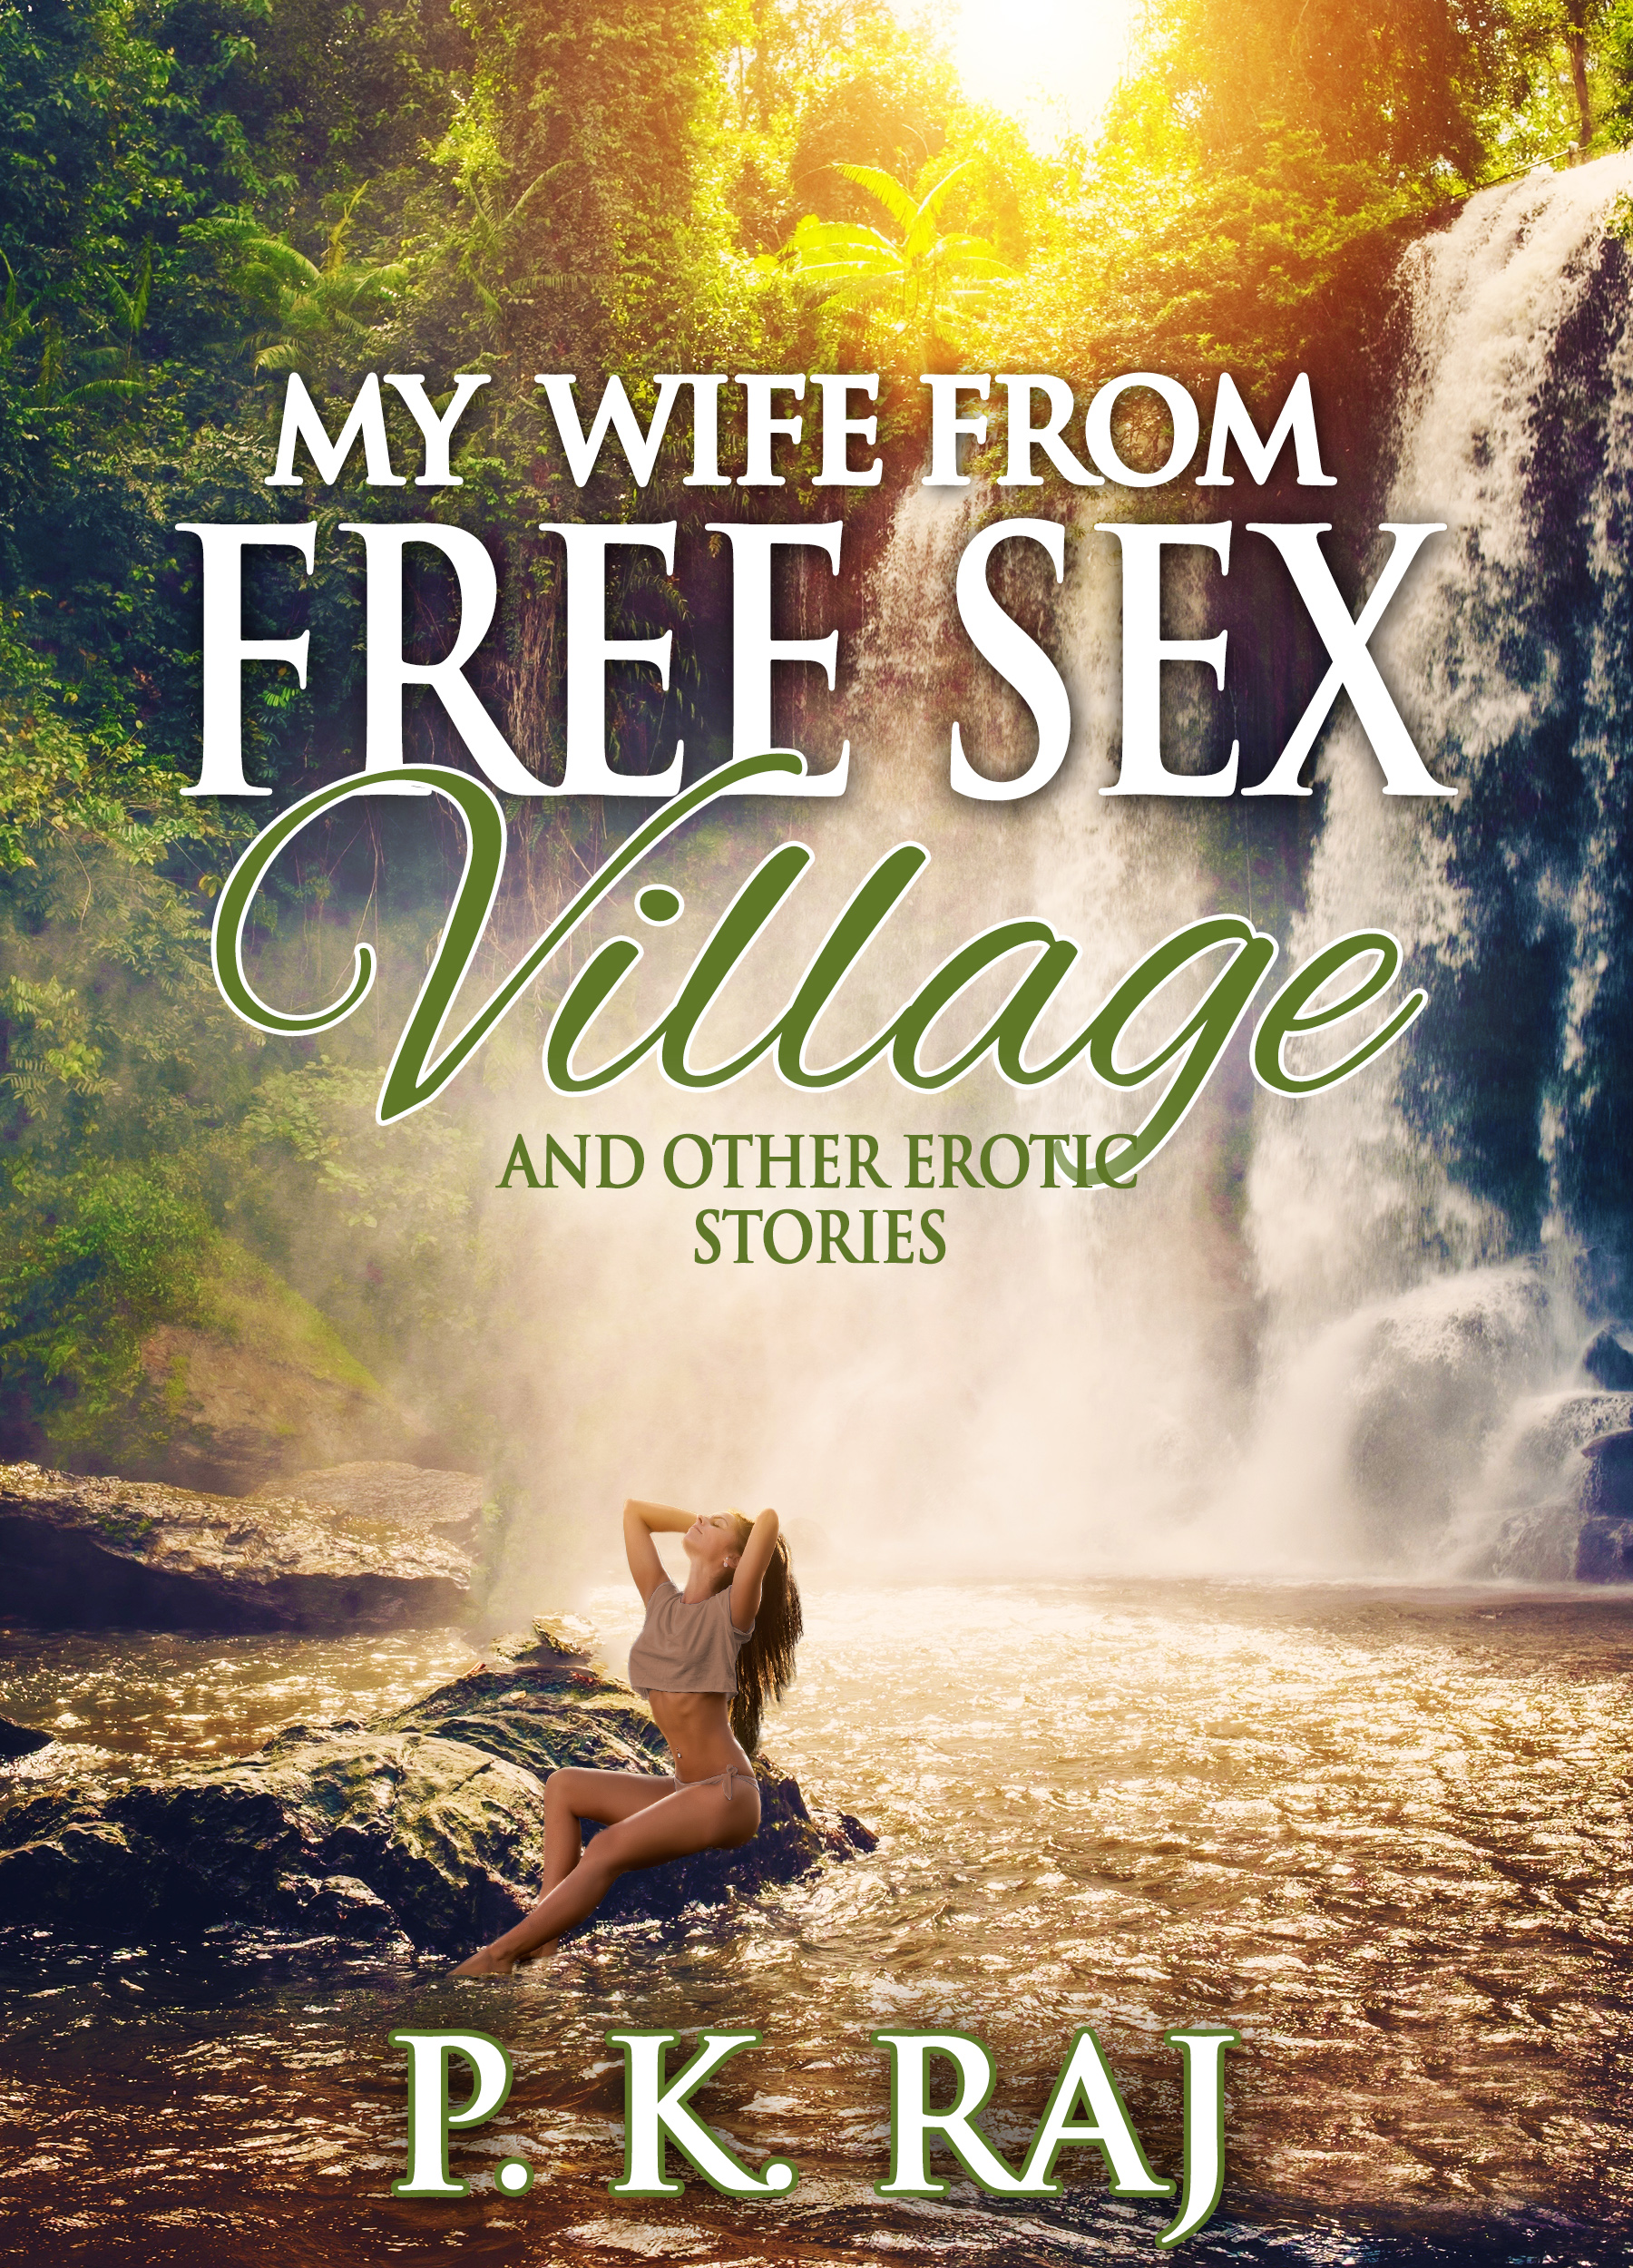 Free sex p